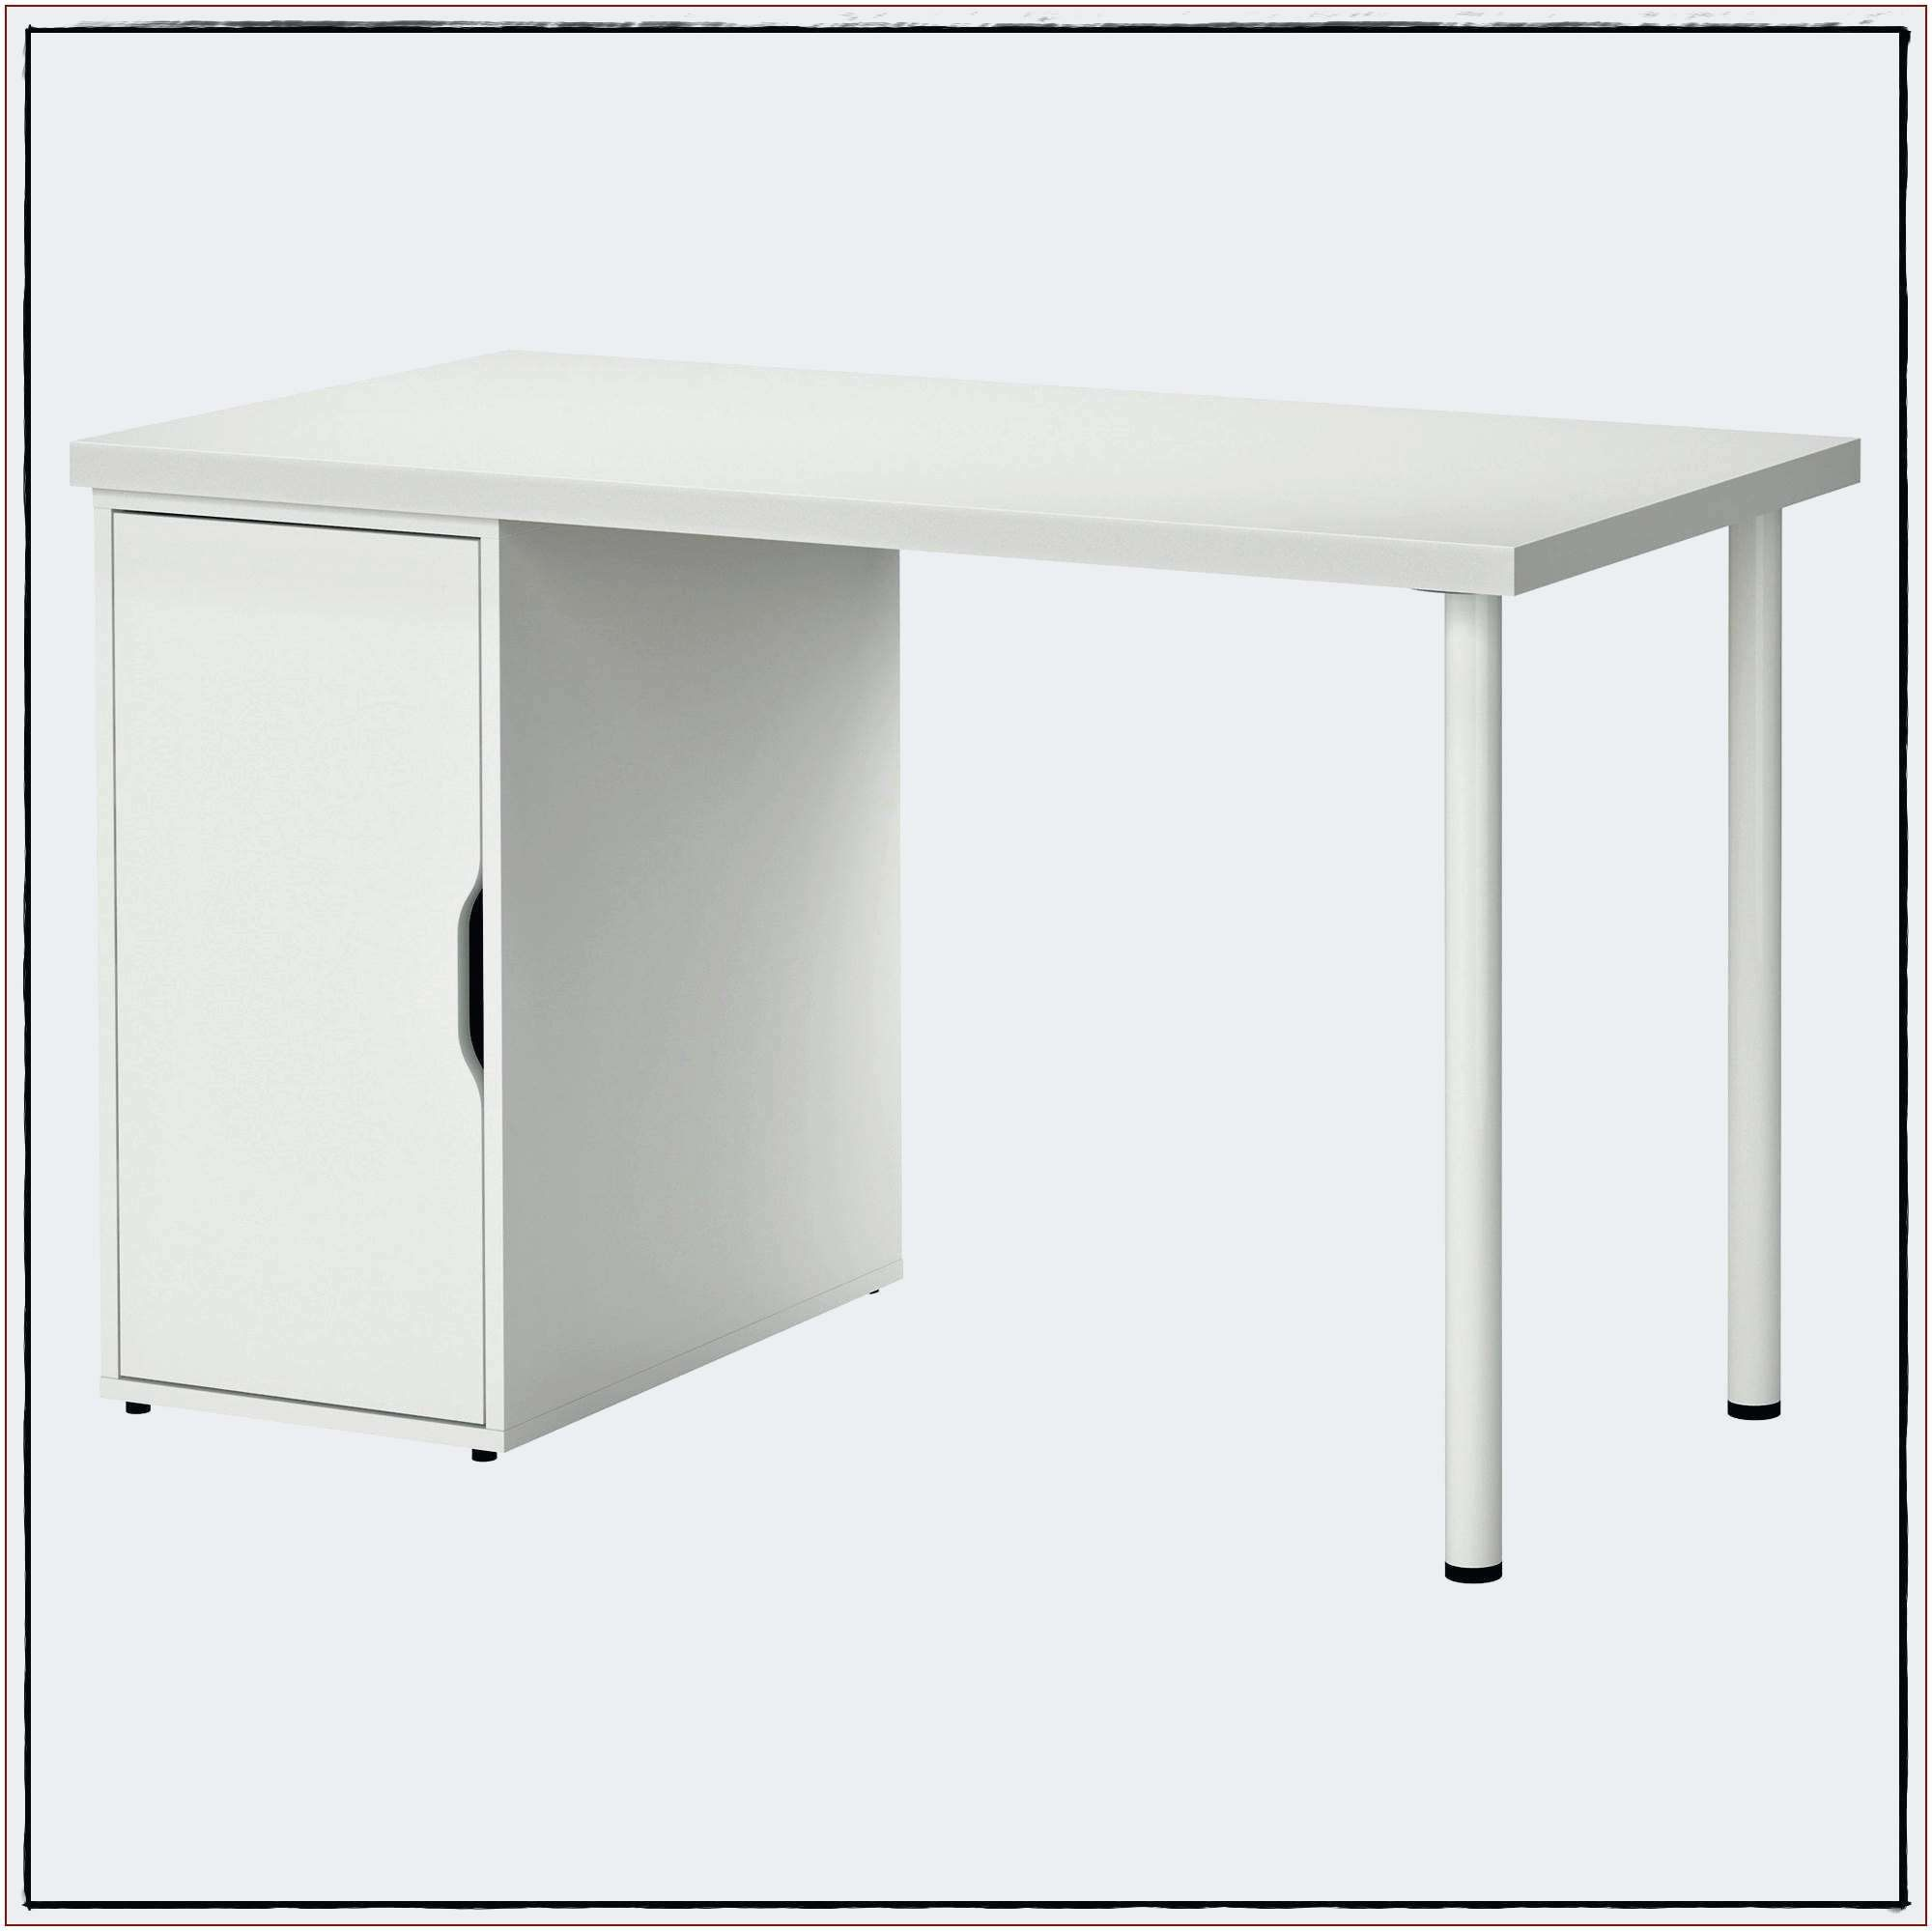 Lit Une Place Et Demi Ikea Unique Unique Console Pliante Ikea Table Console Pliante Inspirant Frais De